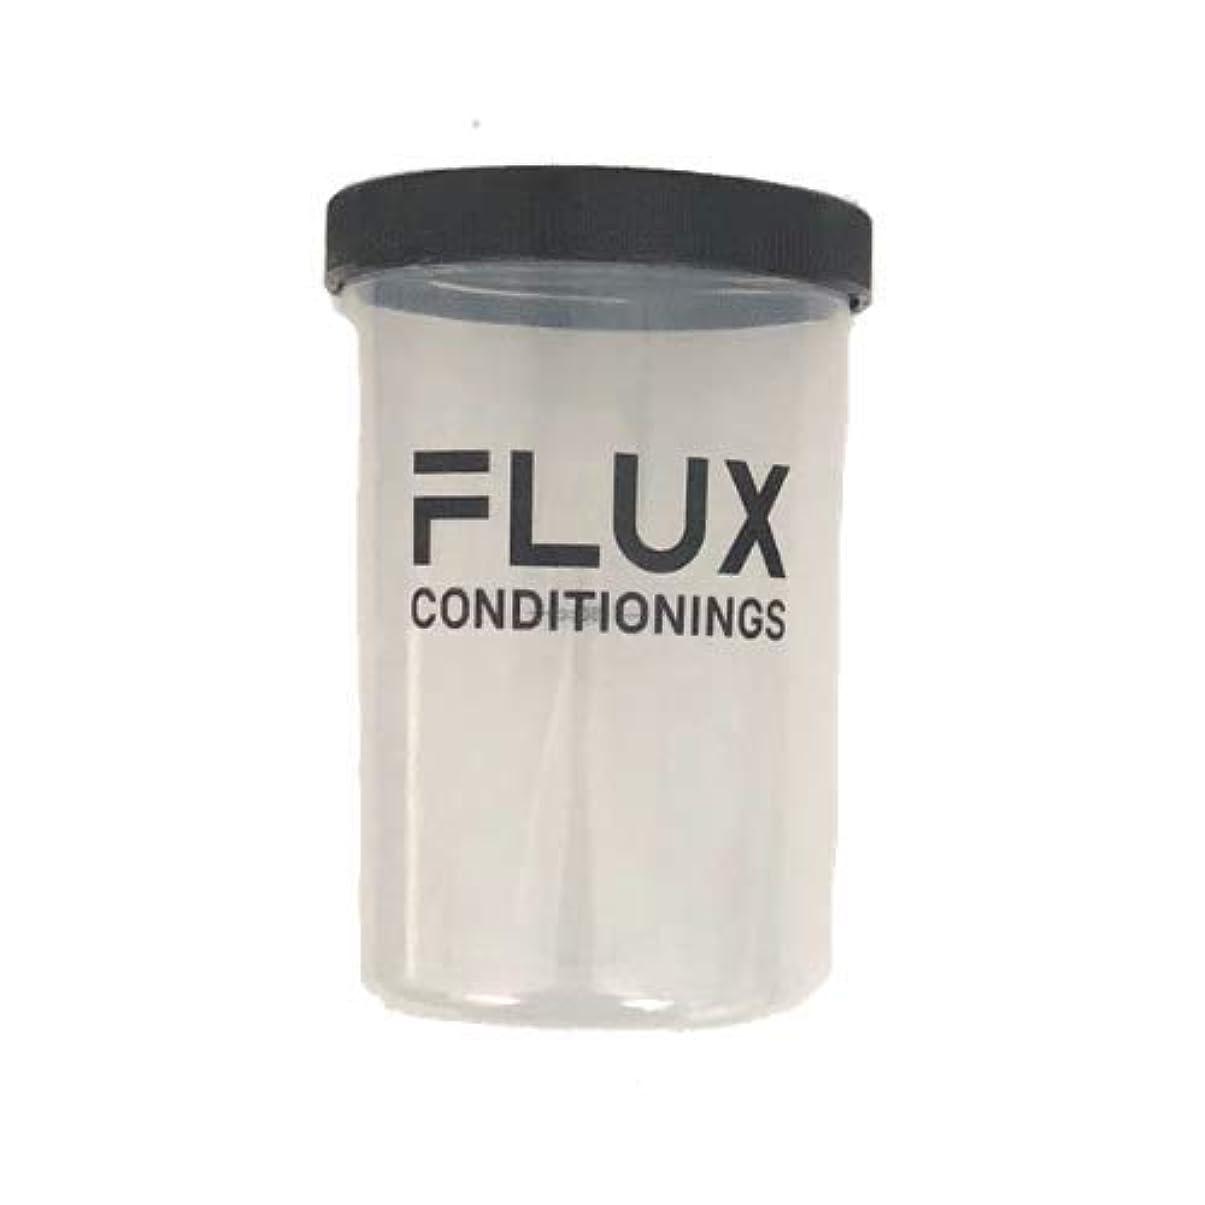 笑ずるい名詞代官山FLUX(フラックス)ジム、プロテインシェーカー (500ml)